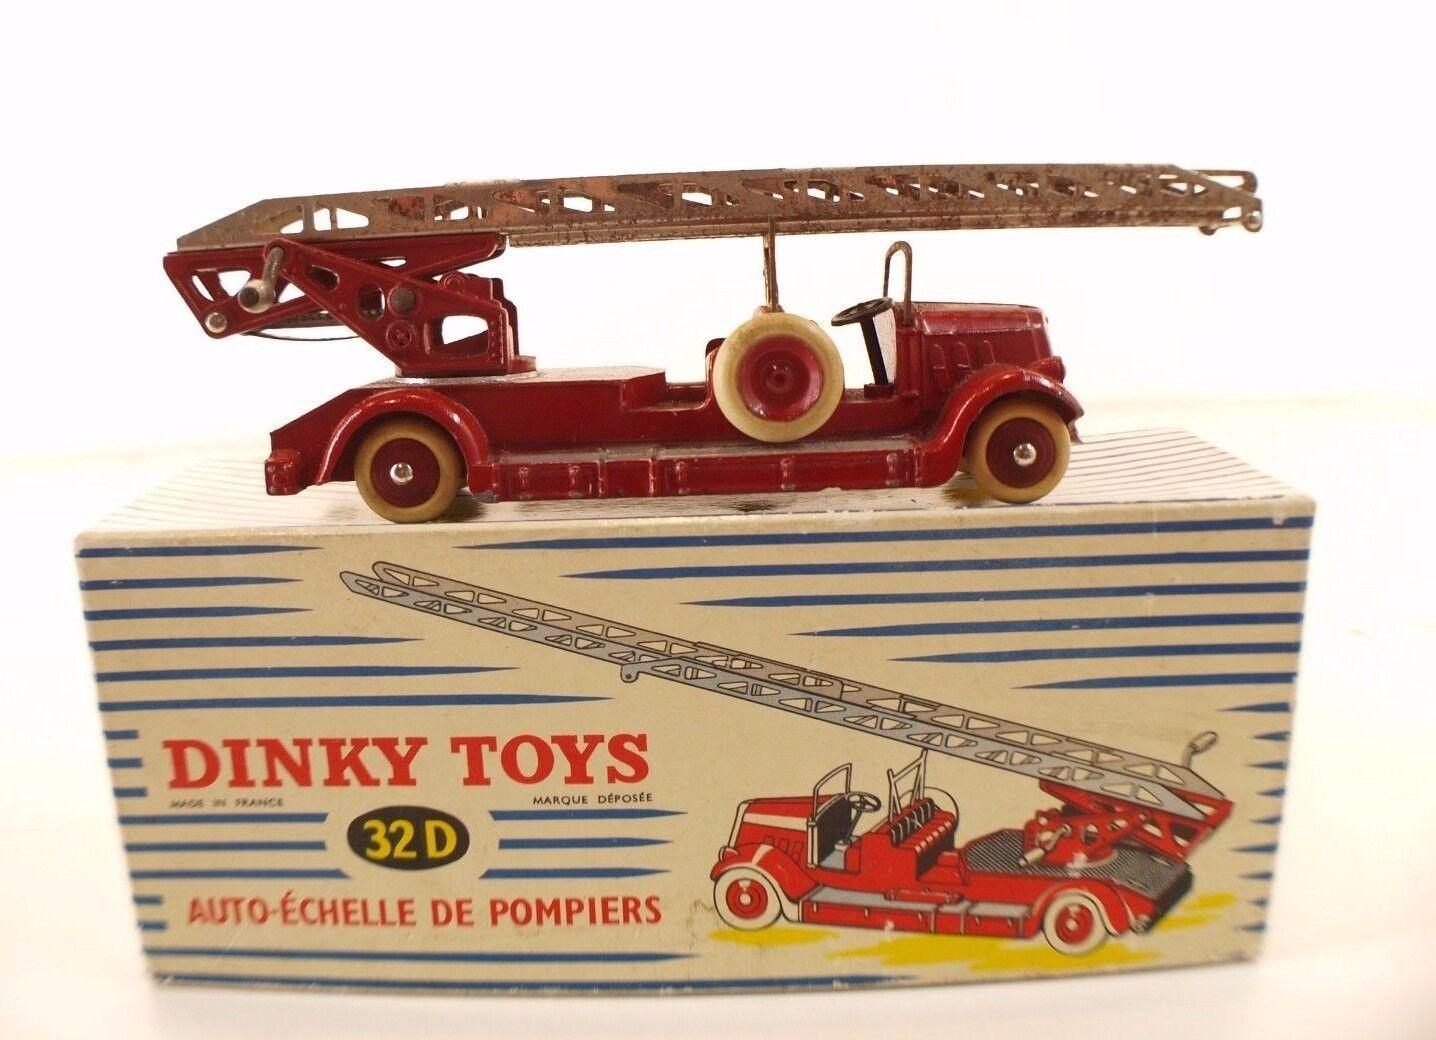 Dinky giocattoli F n° 32D Delahaye Autoéchelle de pompiers fire truck en boite